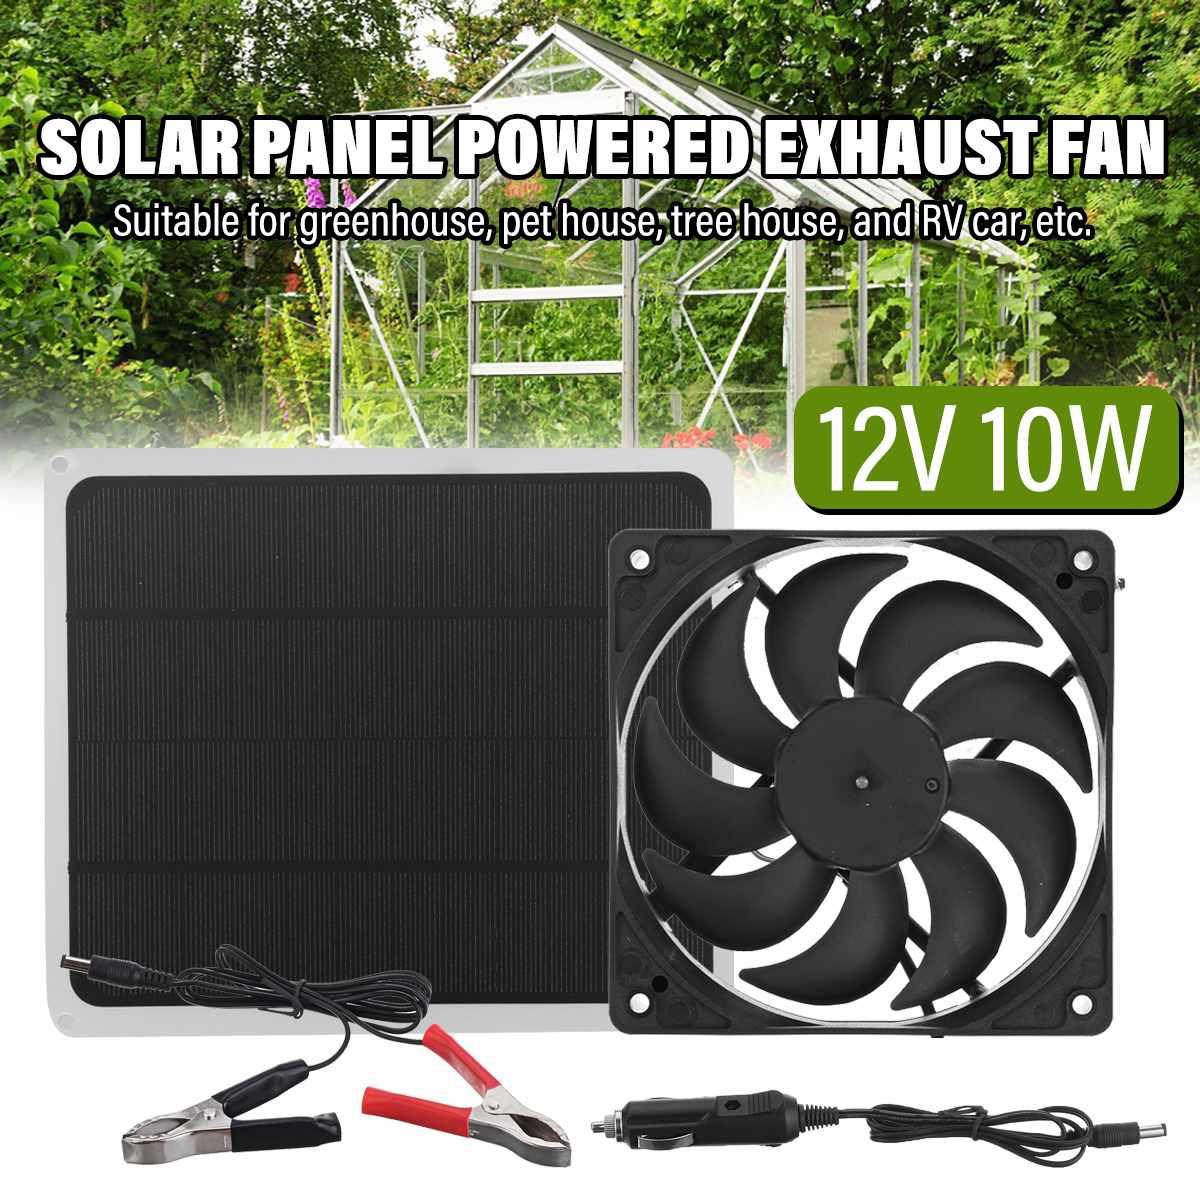 12 فولت 10 واط لوحة طاقة شمسية تعمل بالطاقة مروحة 6 بوصة صغيرة التهوية الشمسية مروحة العادم للكلاب بيت الدجاج الدفيئة RV مروحة سيارة شاحن